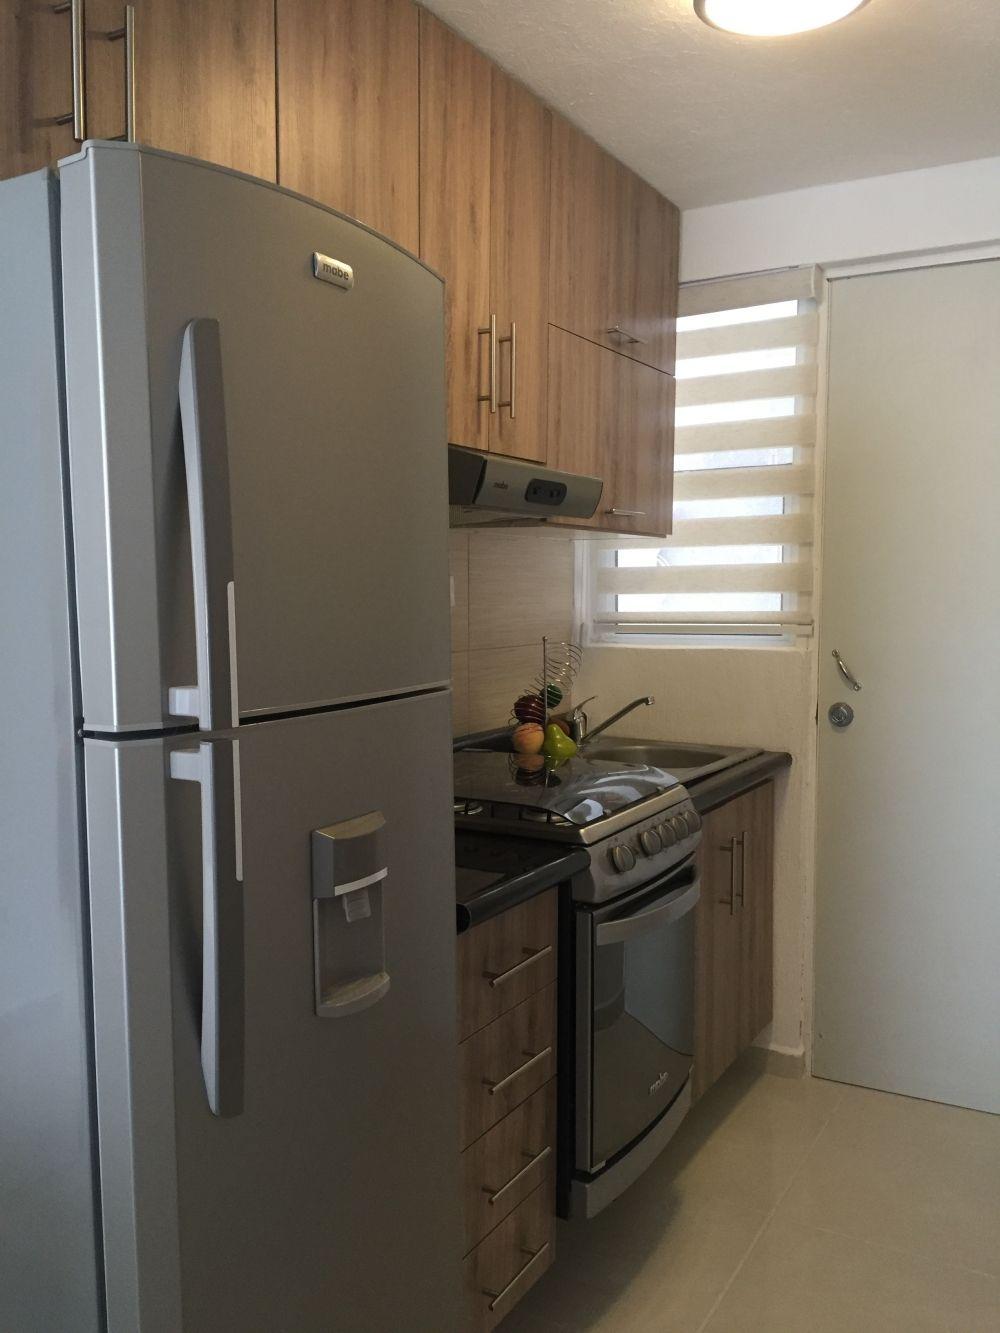 Exterior decoraci n de casas infonavit decoraci n de for Cocinas pequenas para apartamentos tipo estudio